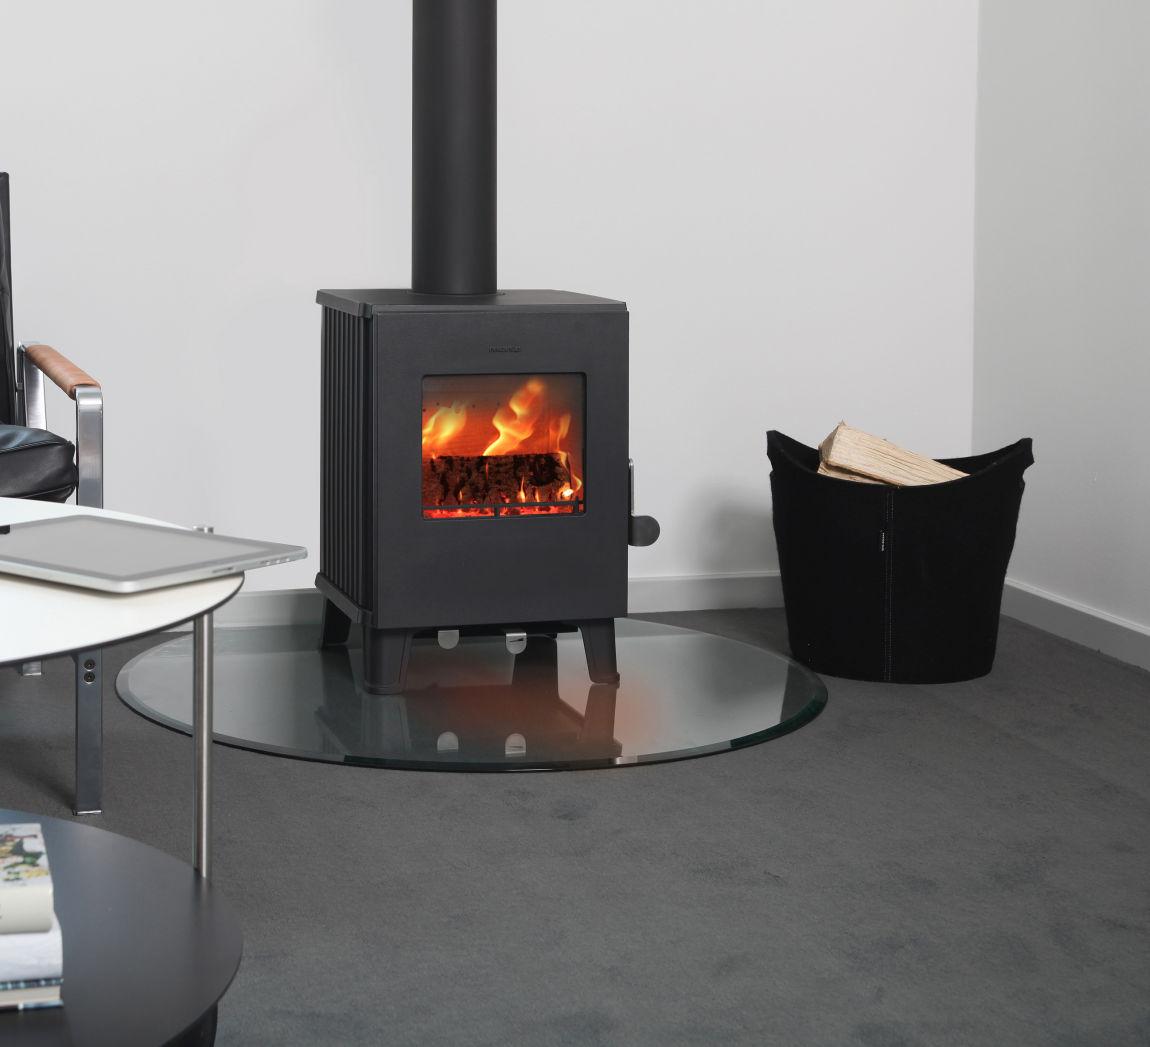 morso 1416 stove reviews uk. Black Bedroom Furniture Sets. Home Design Ideas